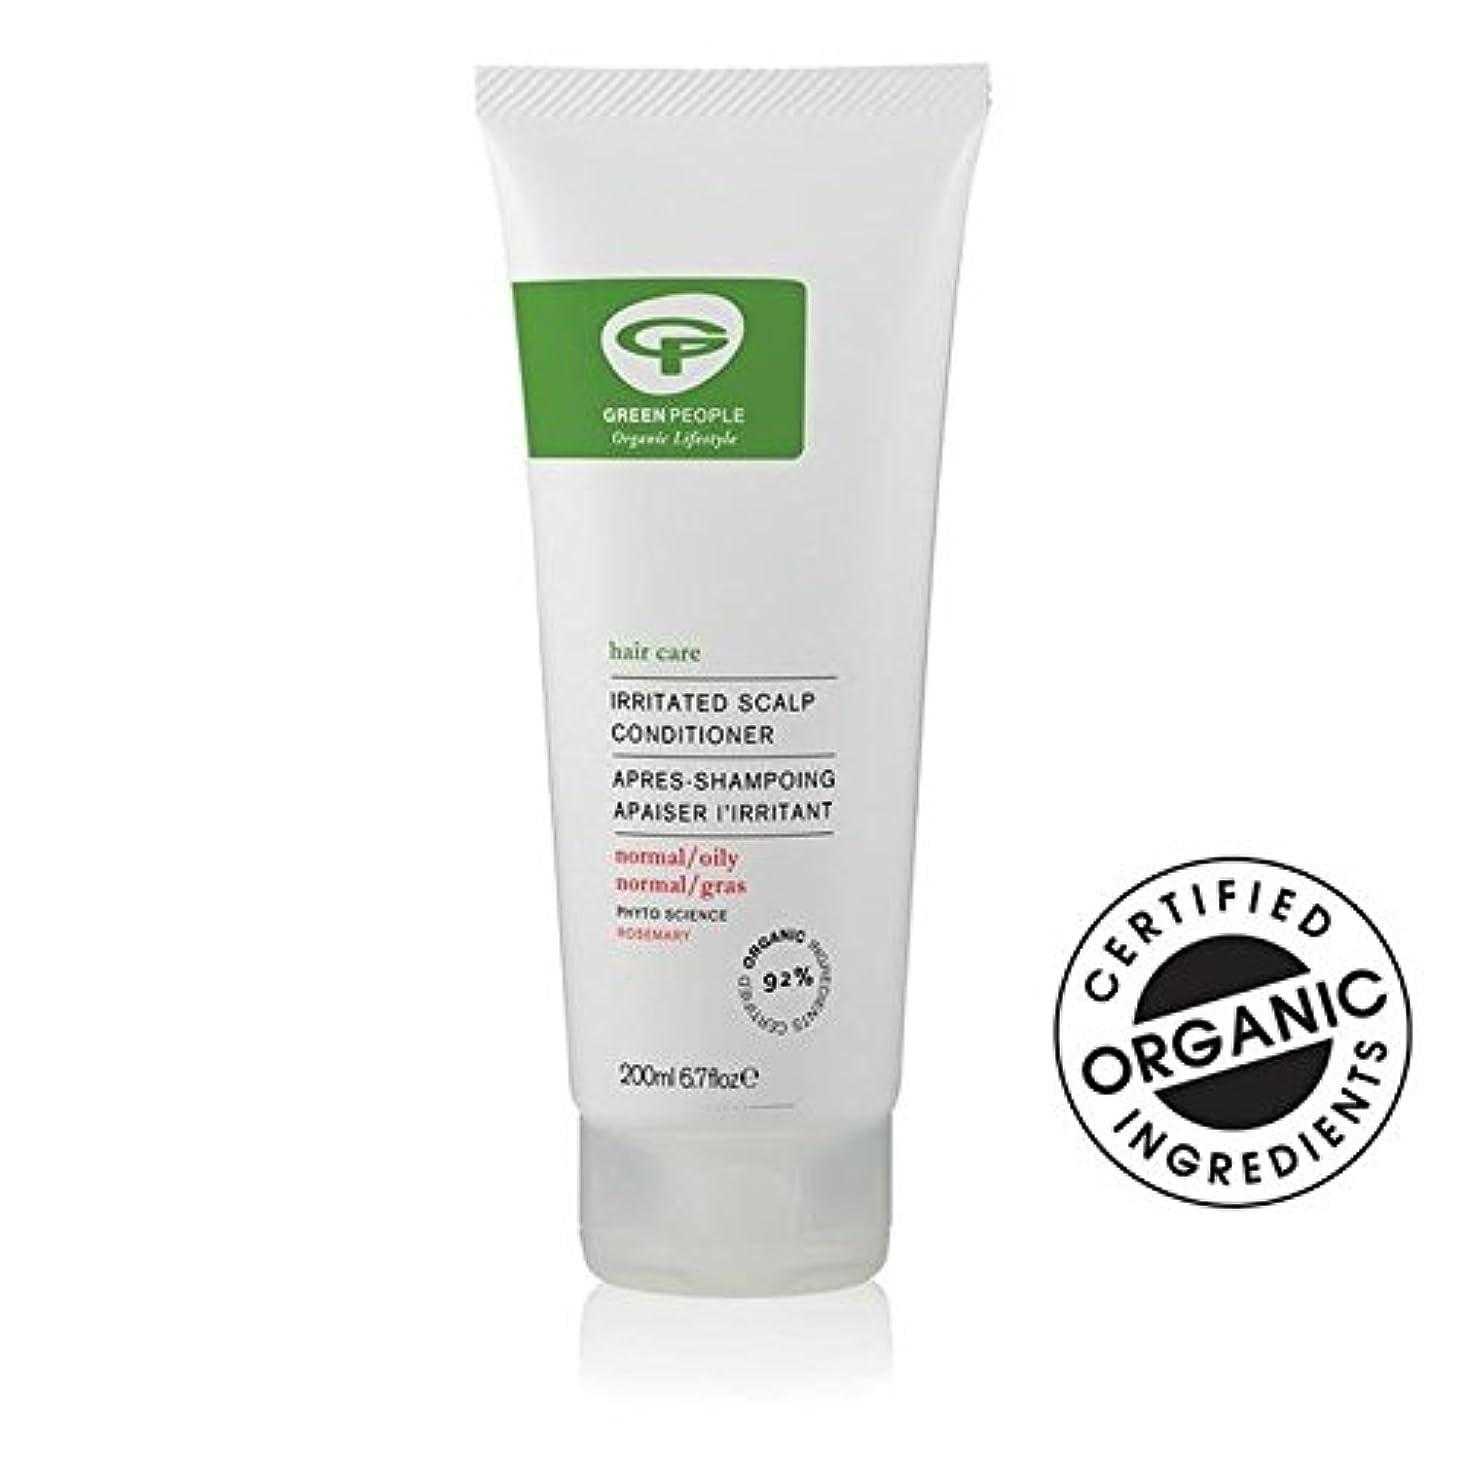 潜在的な実験徐々に緑の人々イライラ頭皮コンディショナー200 x2 - Green People Irritated Scalp Conditioner 200ml (Pack of 2) [並行輸入品]